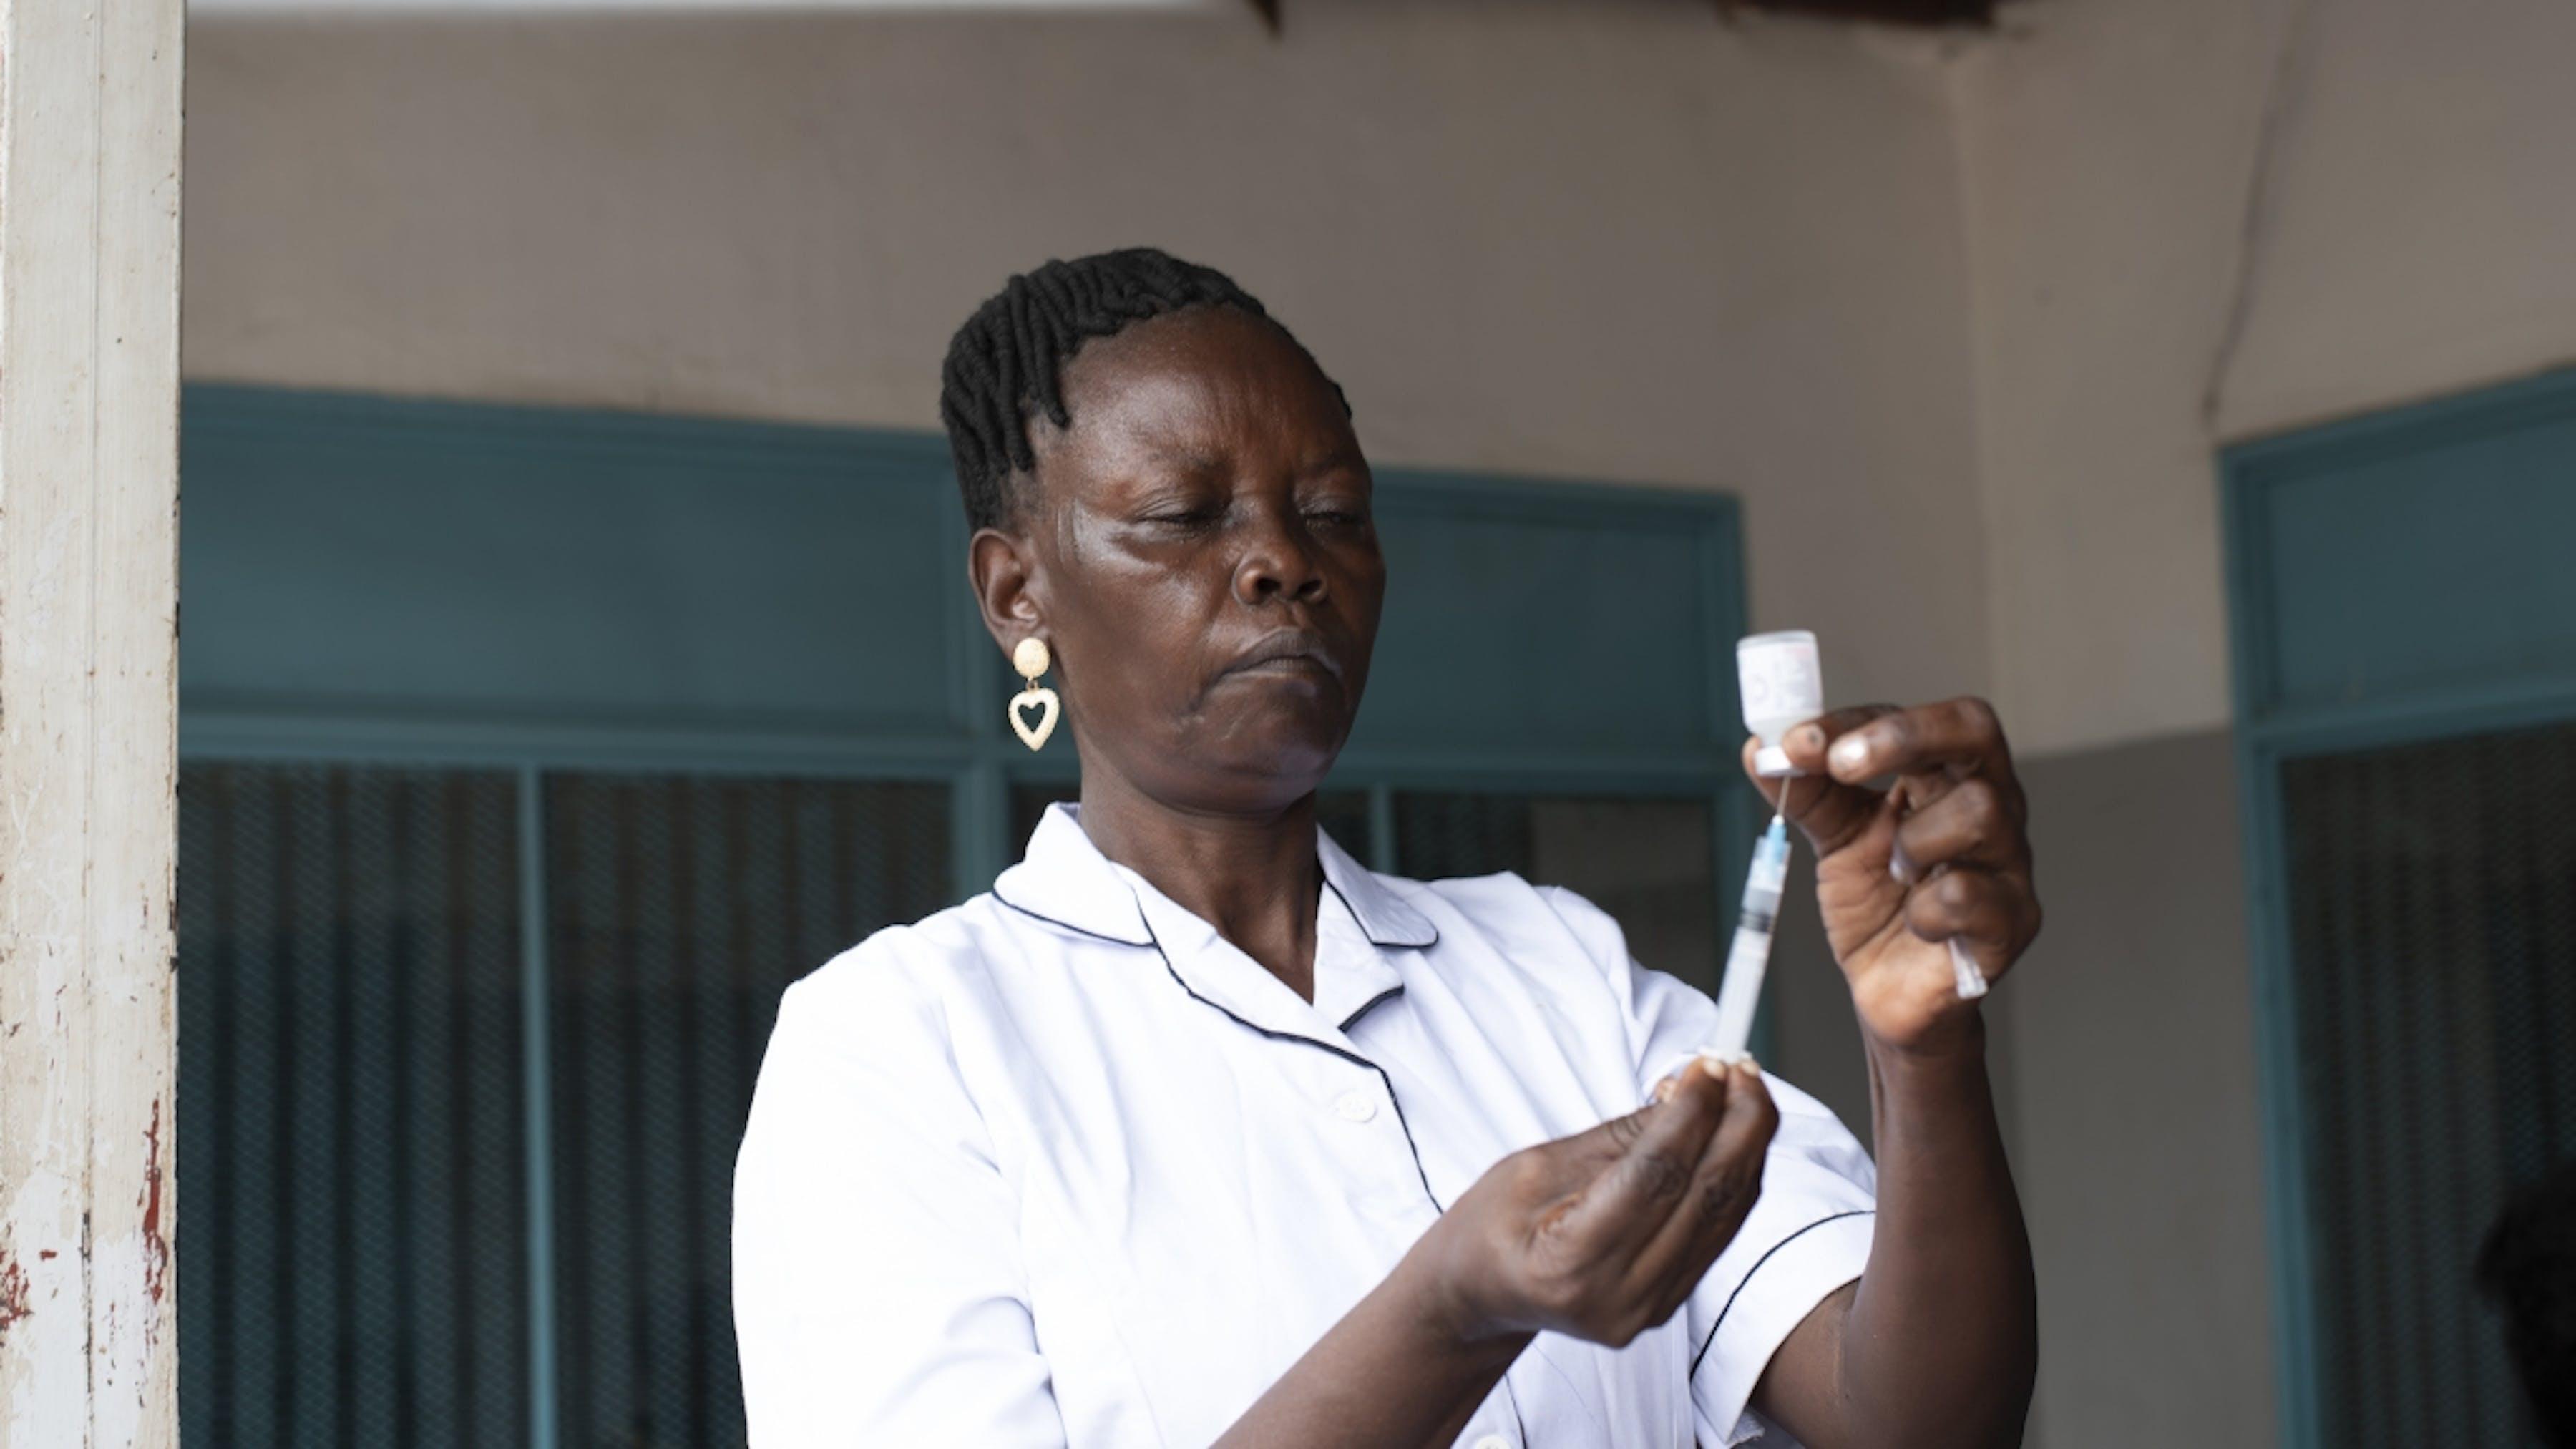 Sud Sudan, un'infermiera prepara un vaccino da somministrare